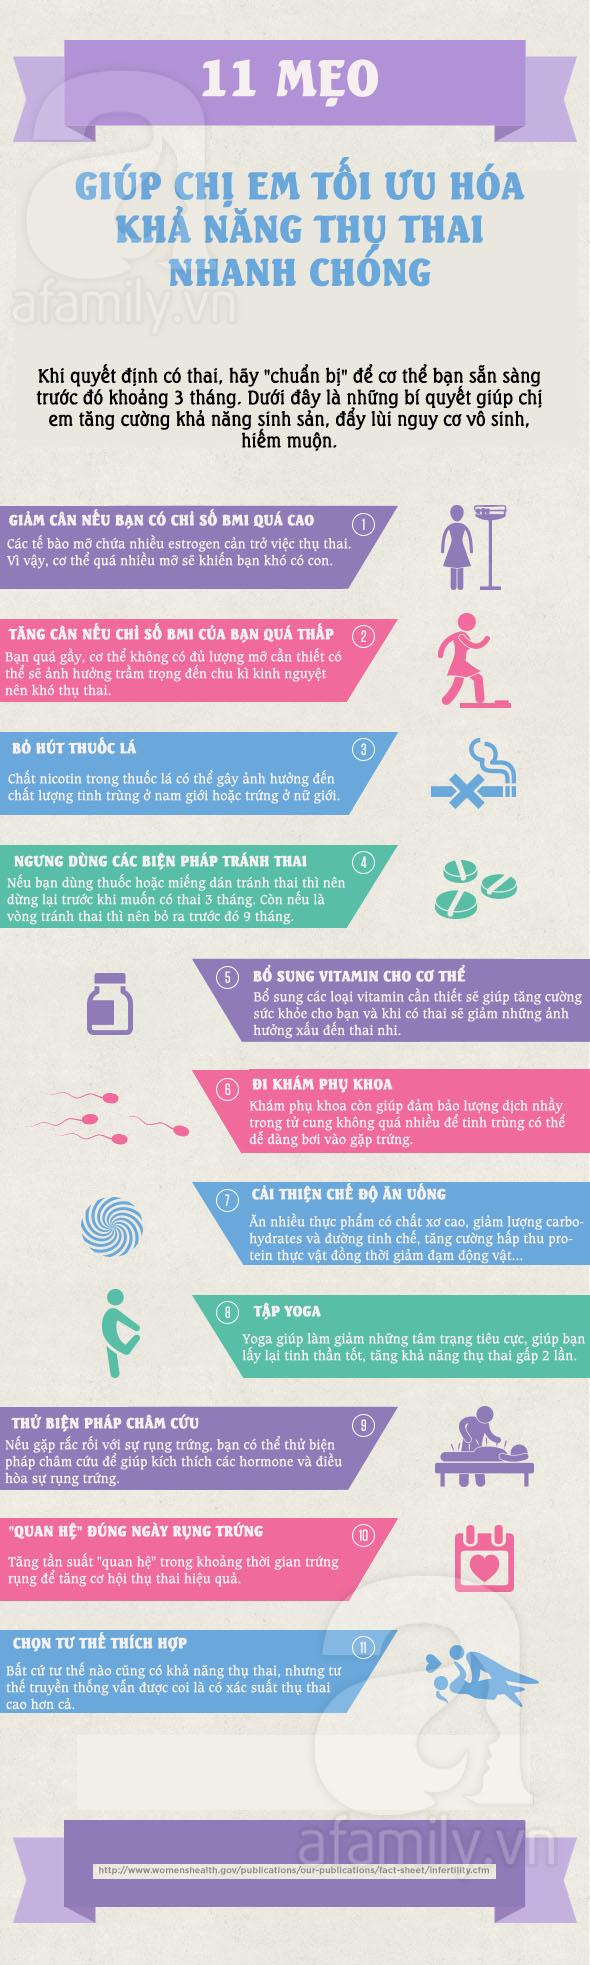 11 bí quyết giúp thụ thai thành công mà chị em nên biết 1